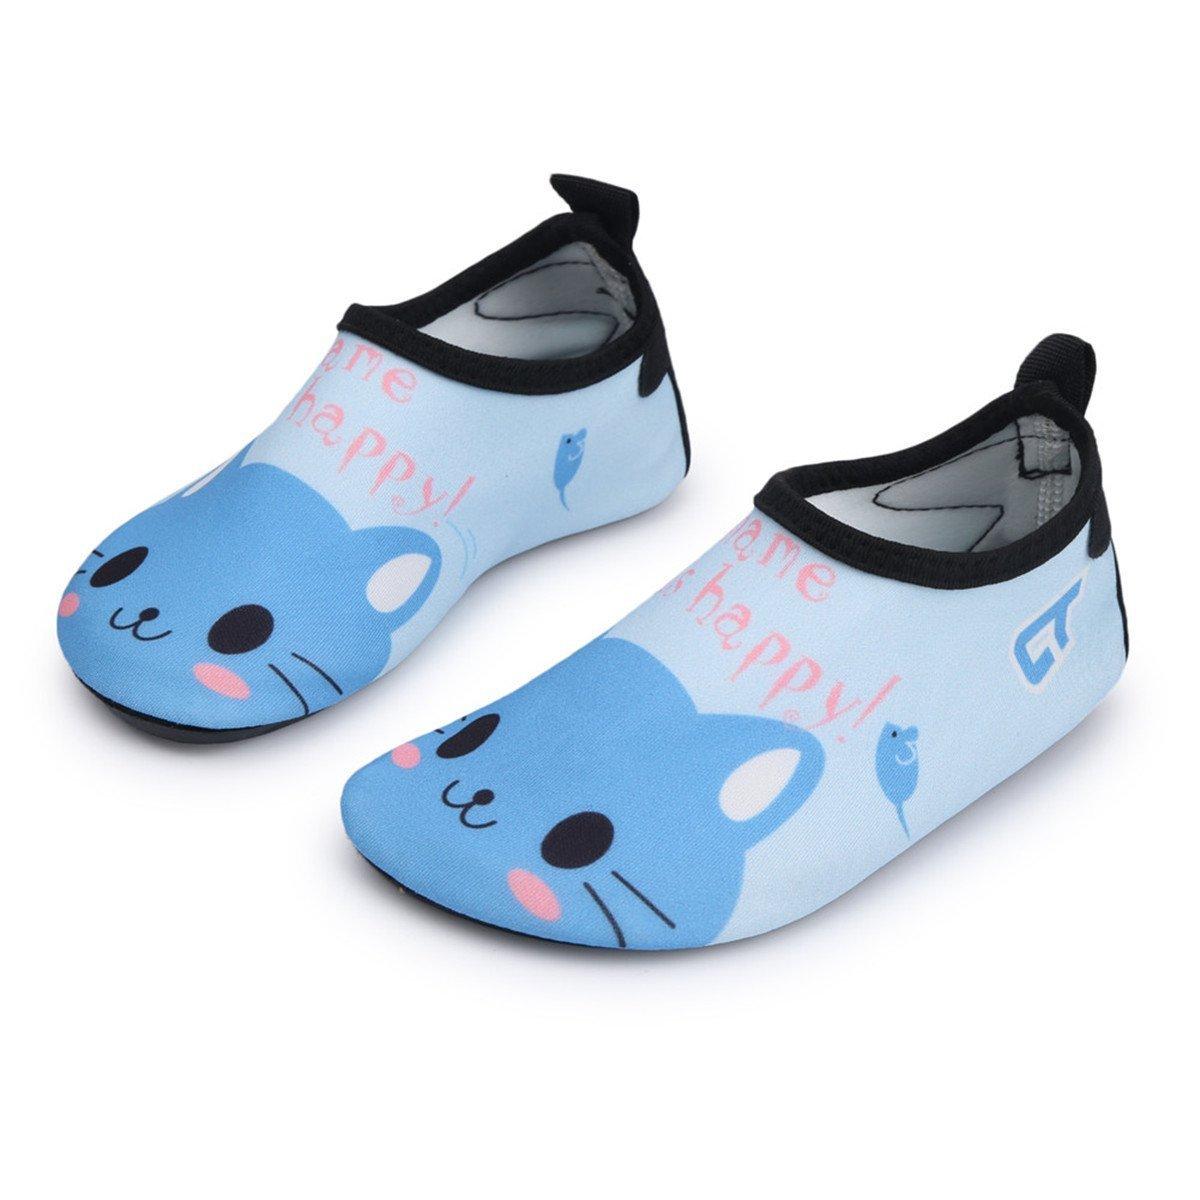 激安直営店 [Adorllya] ユニセックスキッズ B07C5RJMCZ Blue US Cat 4.5-5.5M US US Toddler Toddler|Blue 4.5-5.5M US Toddler|Blue Cat, GAOS:fa9483e3 --- svecha37.ru